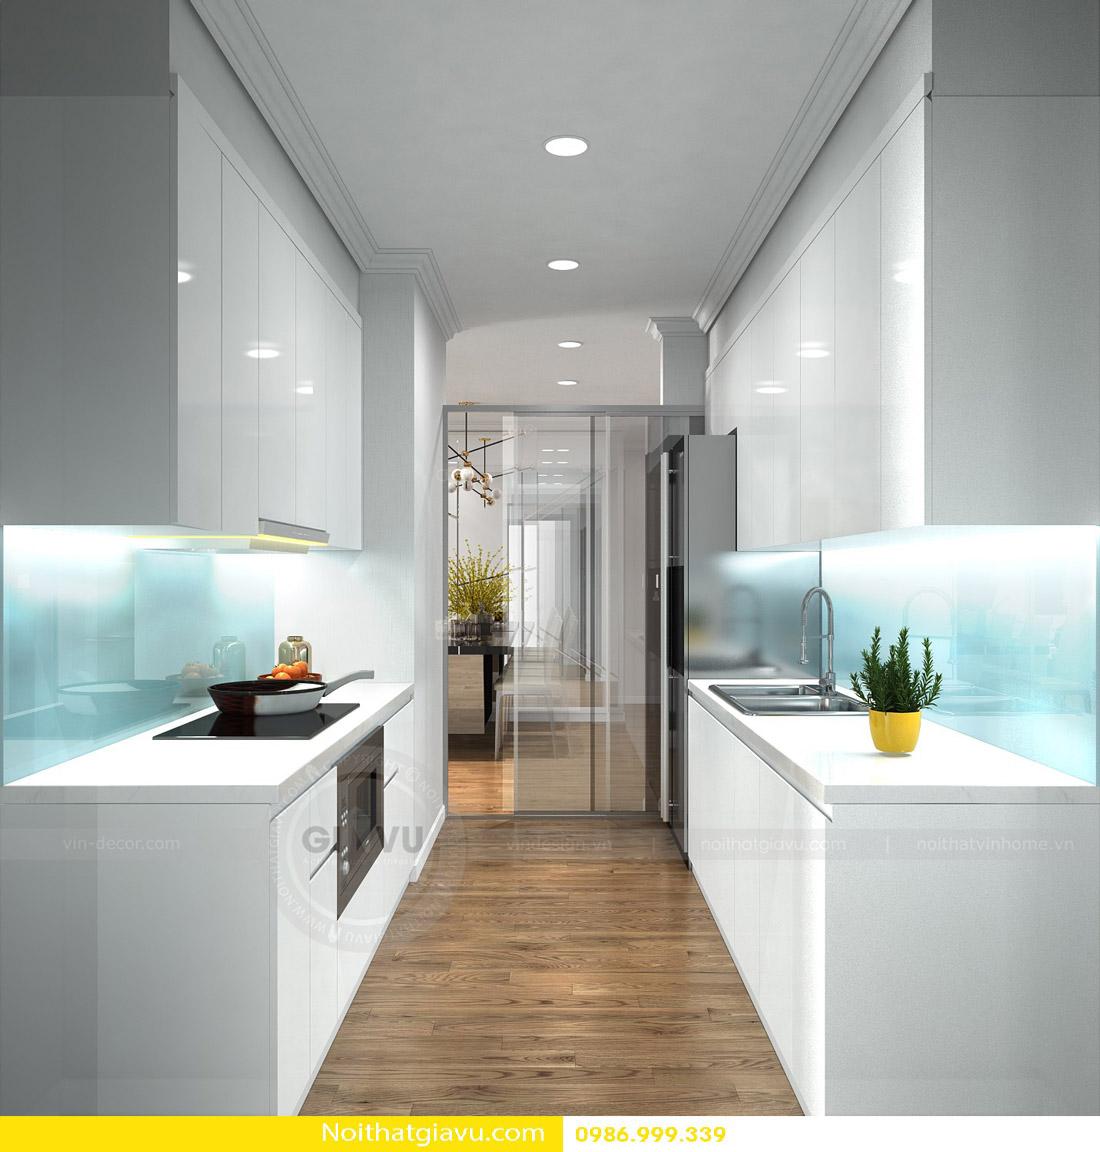 thi công hoàn thiện nội thất căn hộ chung cư Gardenia 07